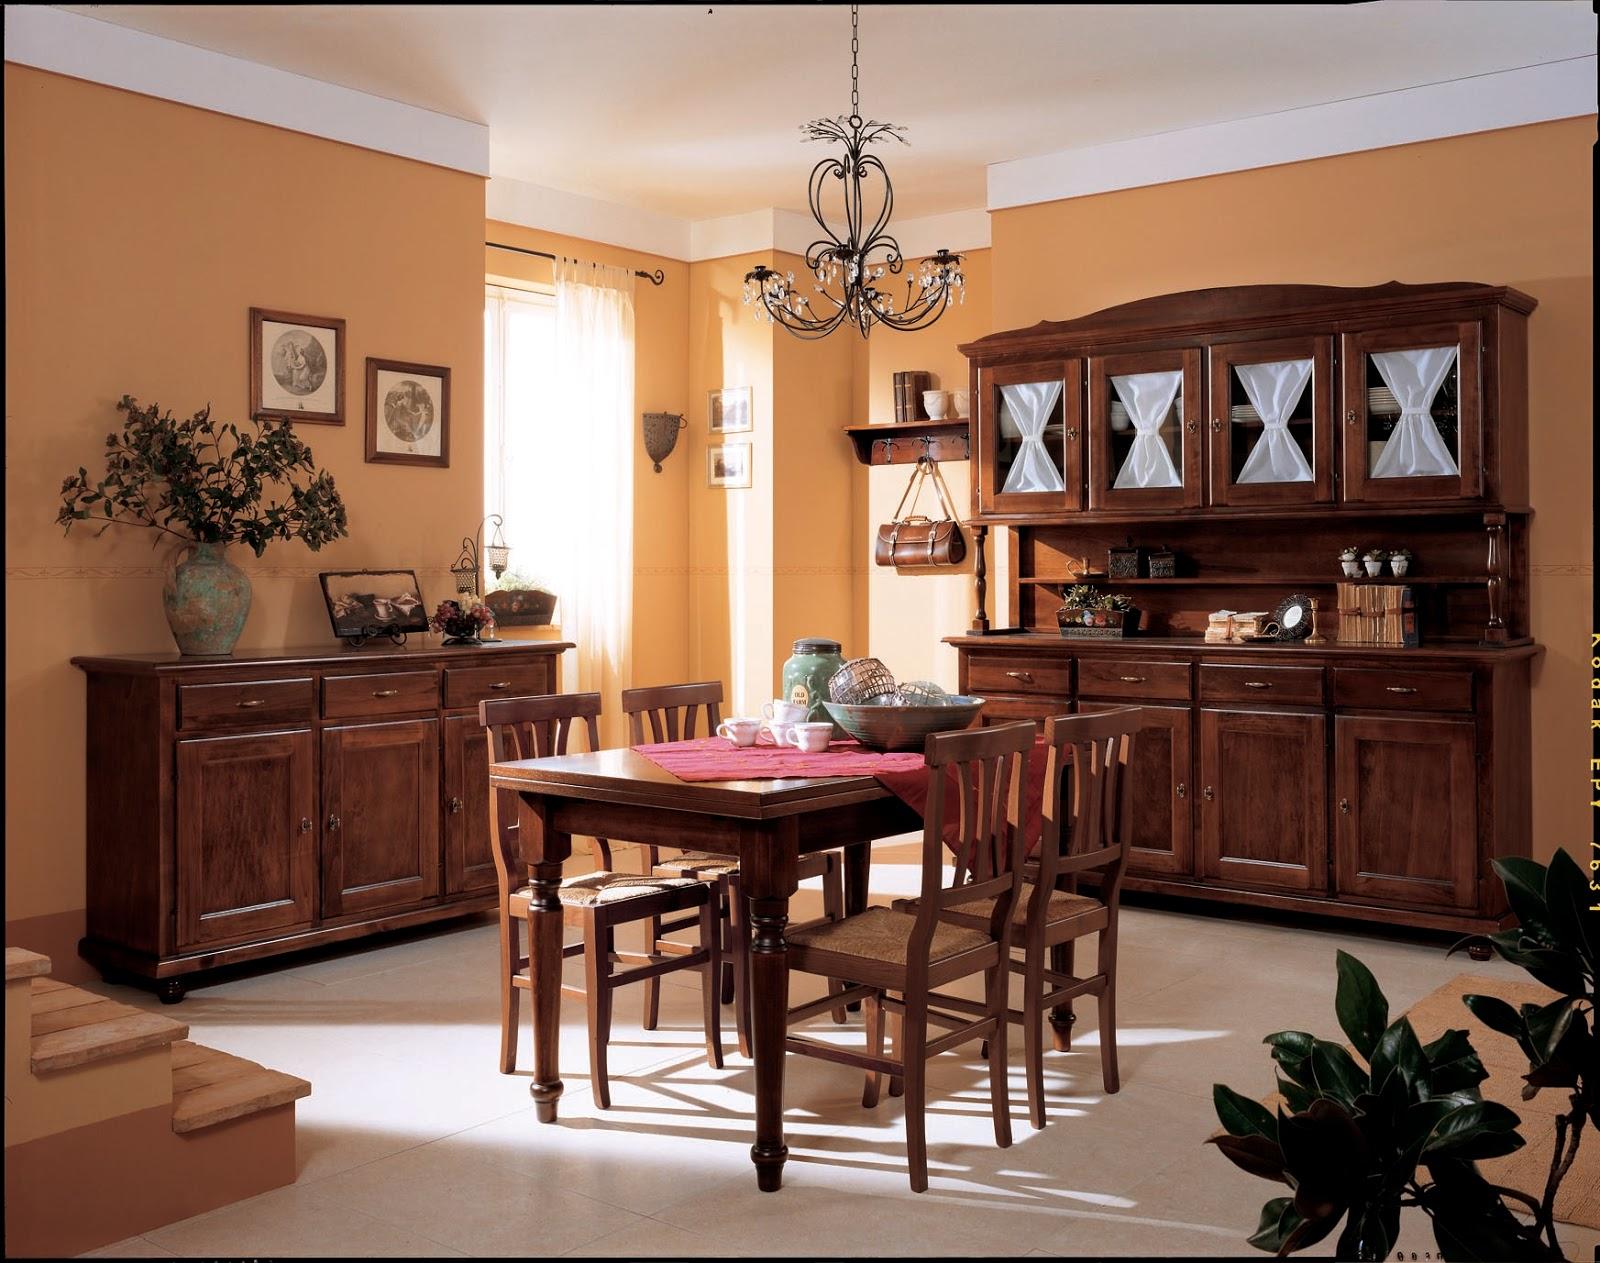 Eva arredamenti il tuo nuovo modo di fare casa il for Casa e stile arredamenti